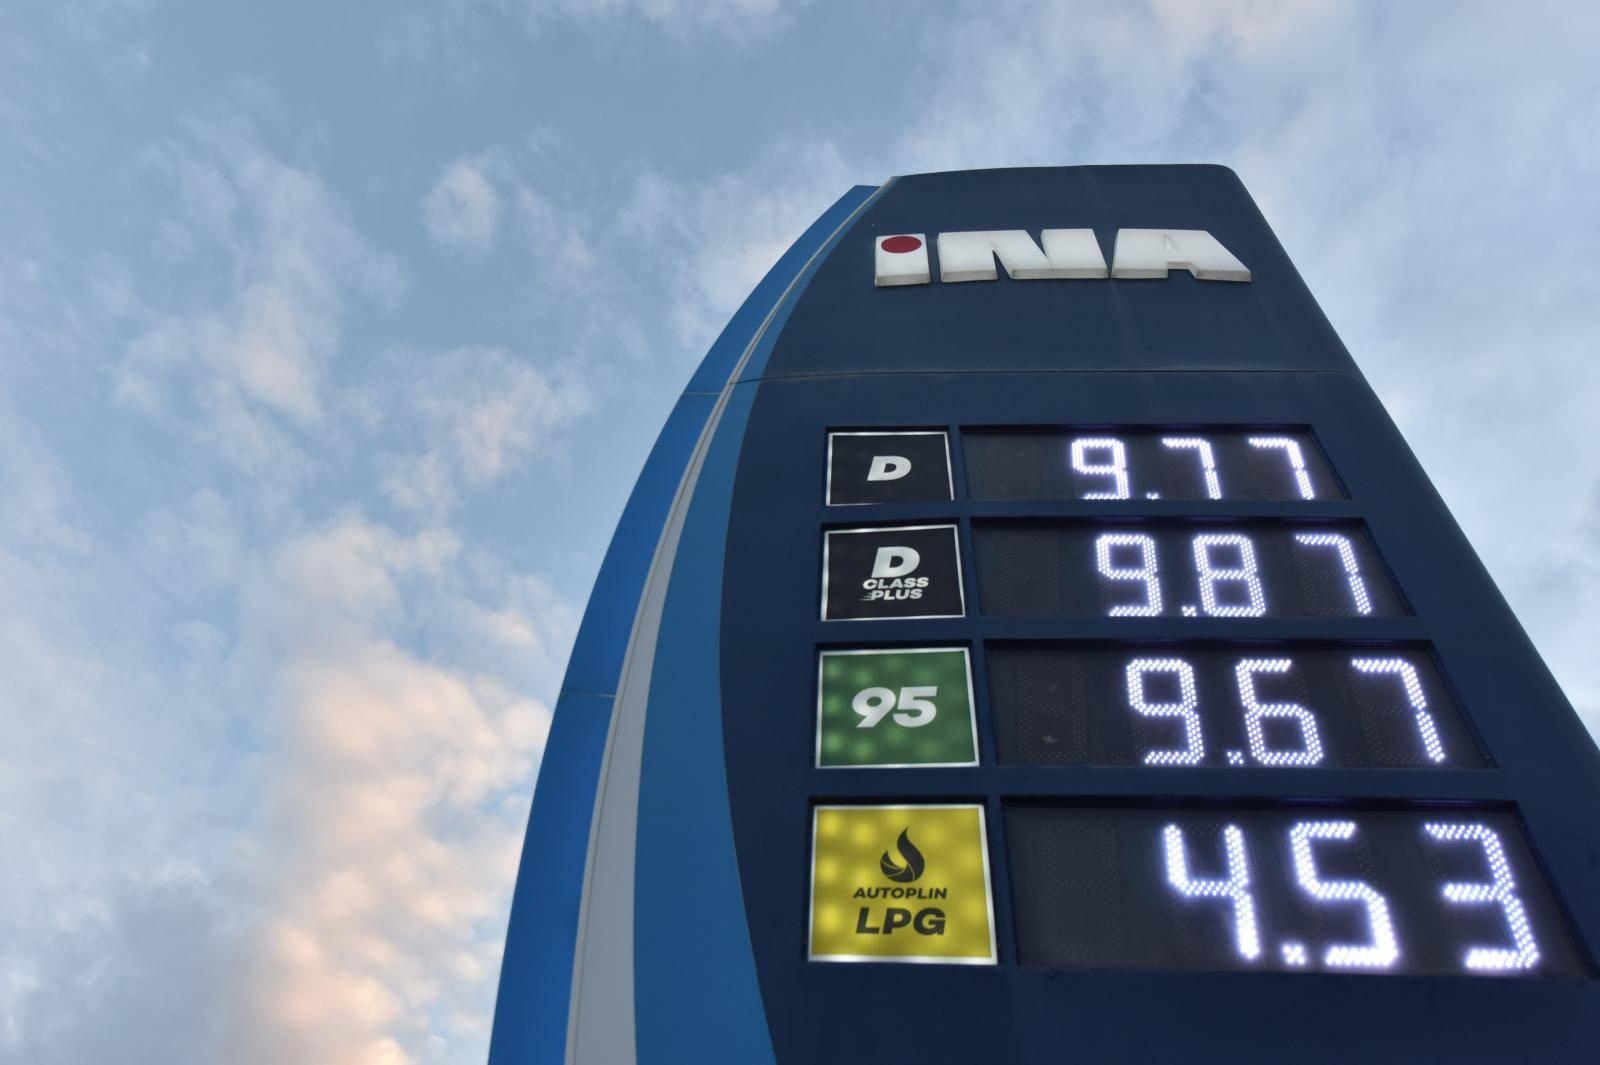 Velik skok cijena goriva: Litra benzina poskupjela za 22 lipe!